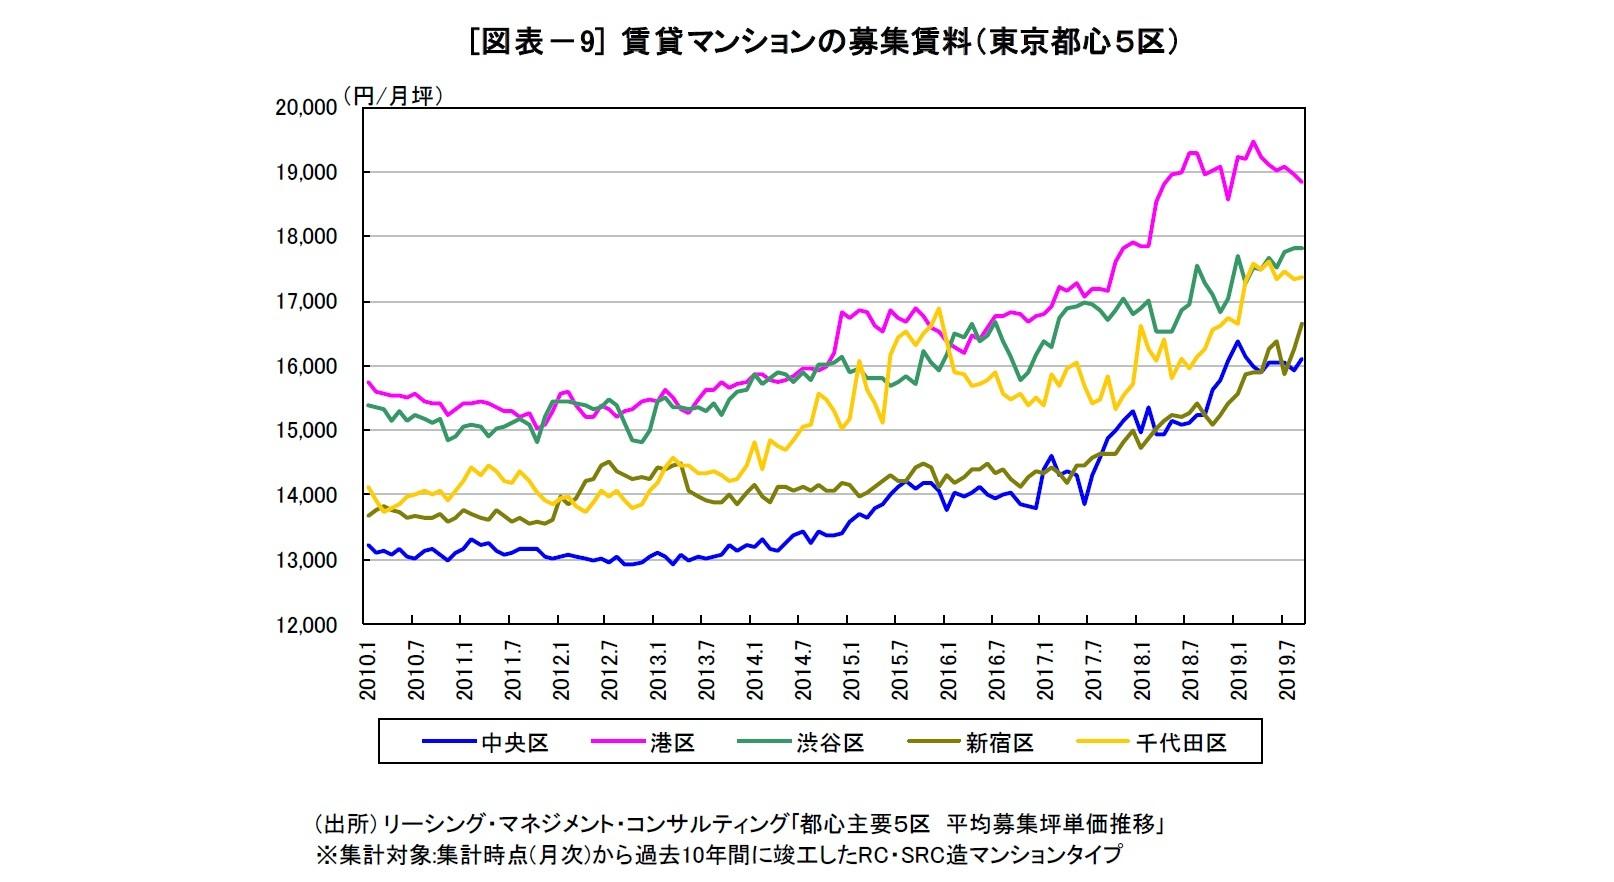 [図表-9] 賃貸マンションの募集賃料(東京都心5区)